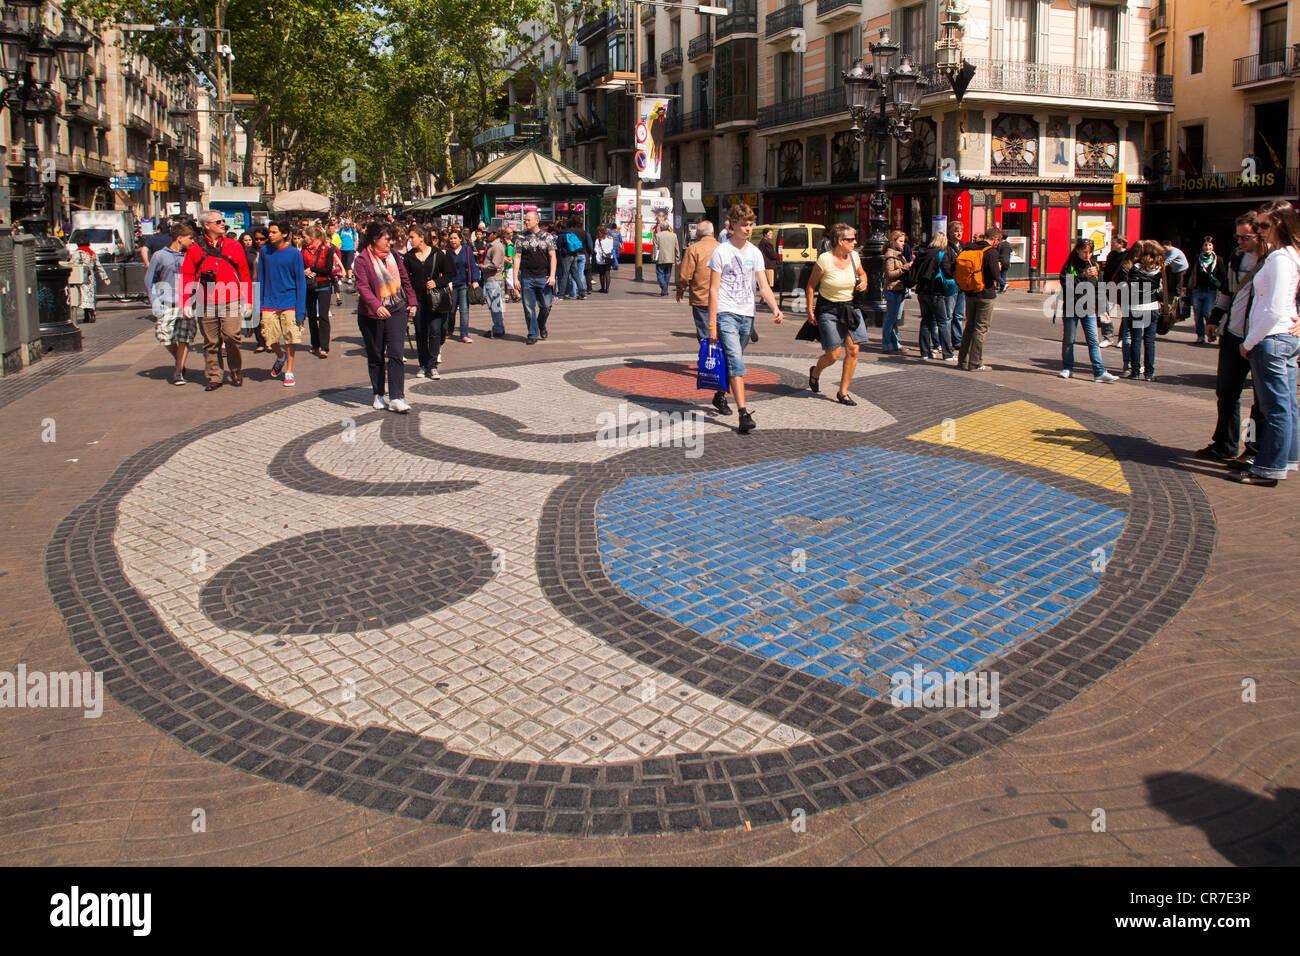 Mosaico di Miro, pavimento a mosaico, turisti, Ramblas, Rambla, Passeggiate, zona pedonale, Barcellona, in Catalogna, Immagini Stock